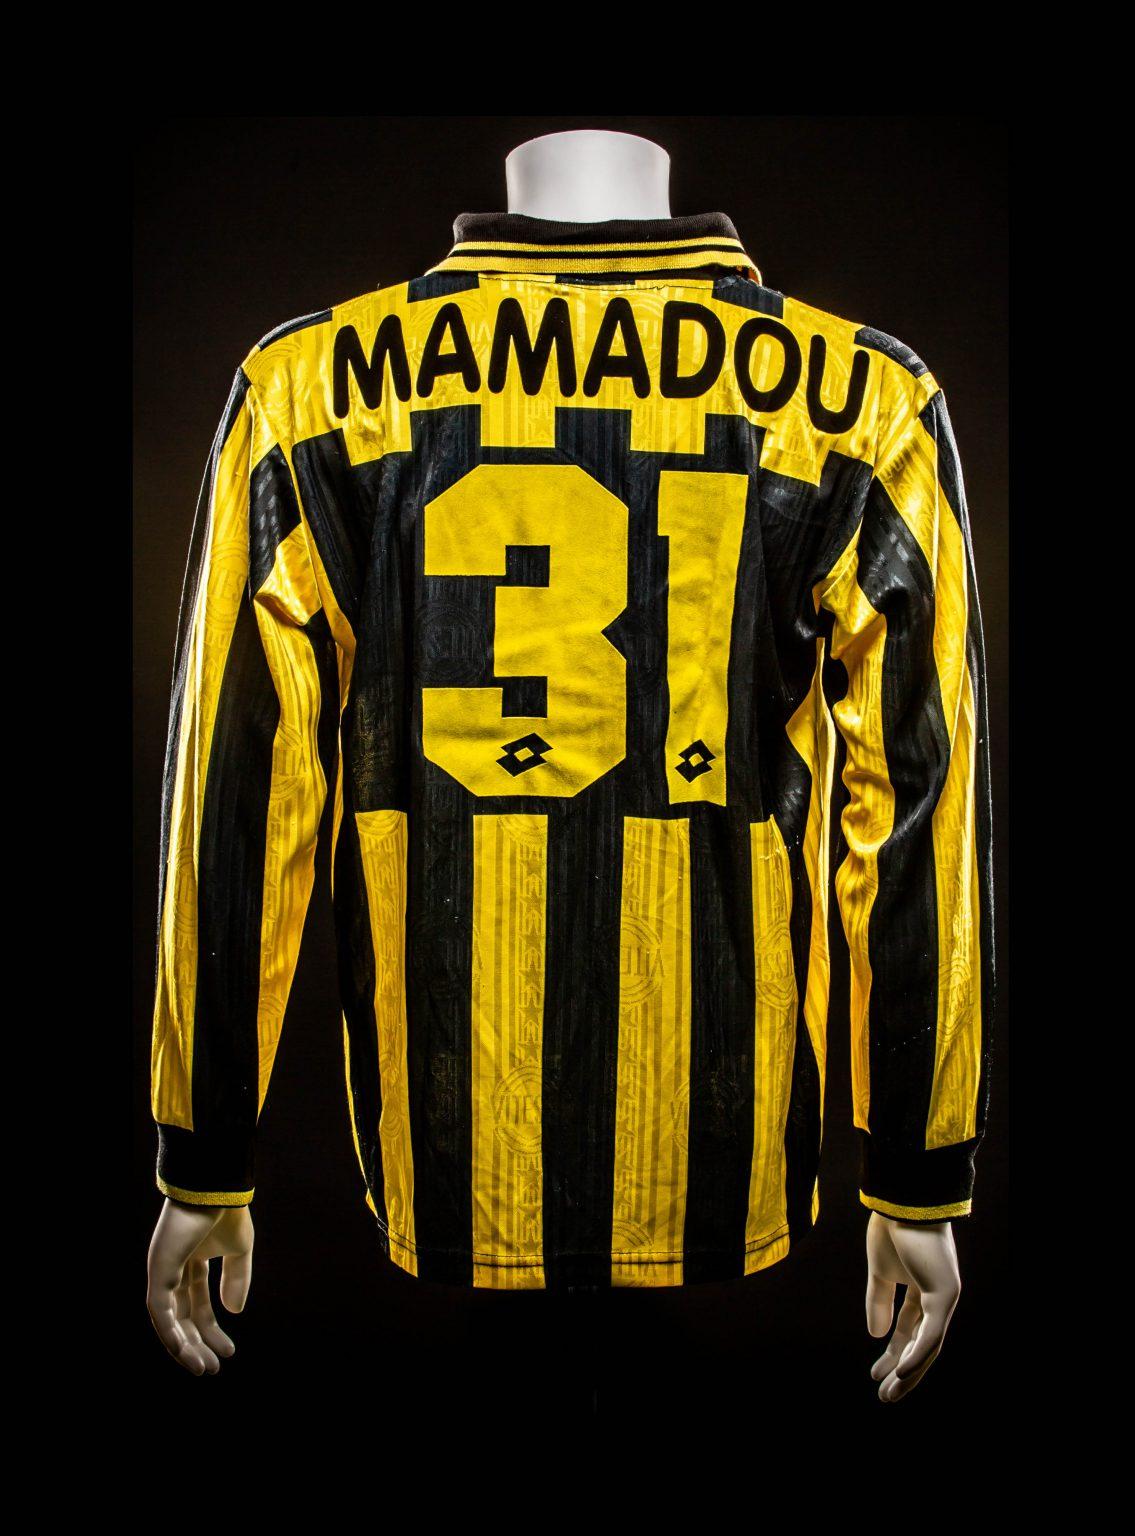 #31 Mamadou Zongo